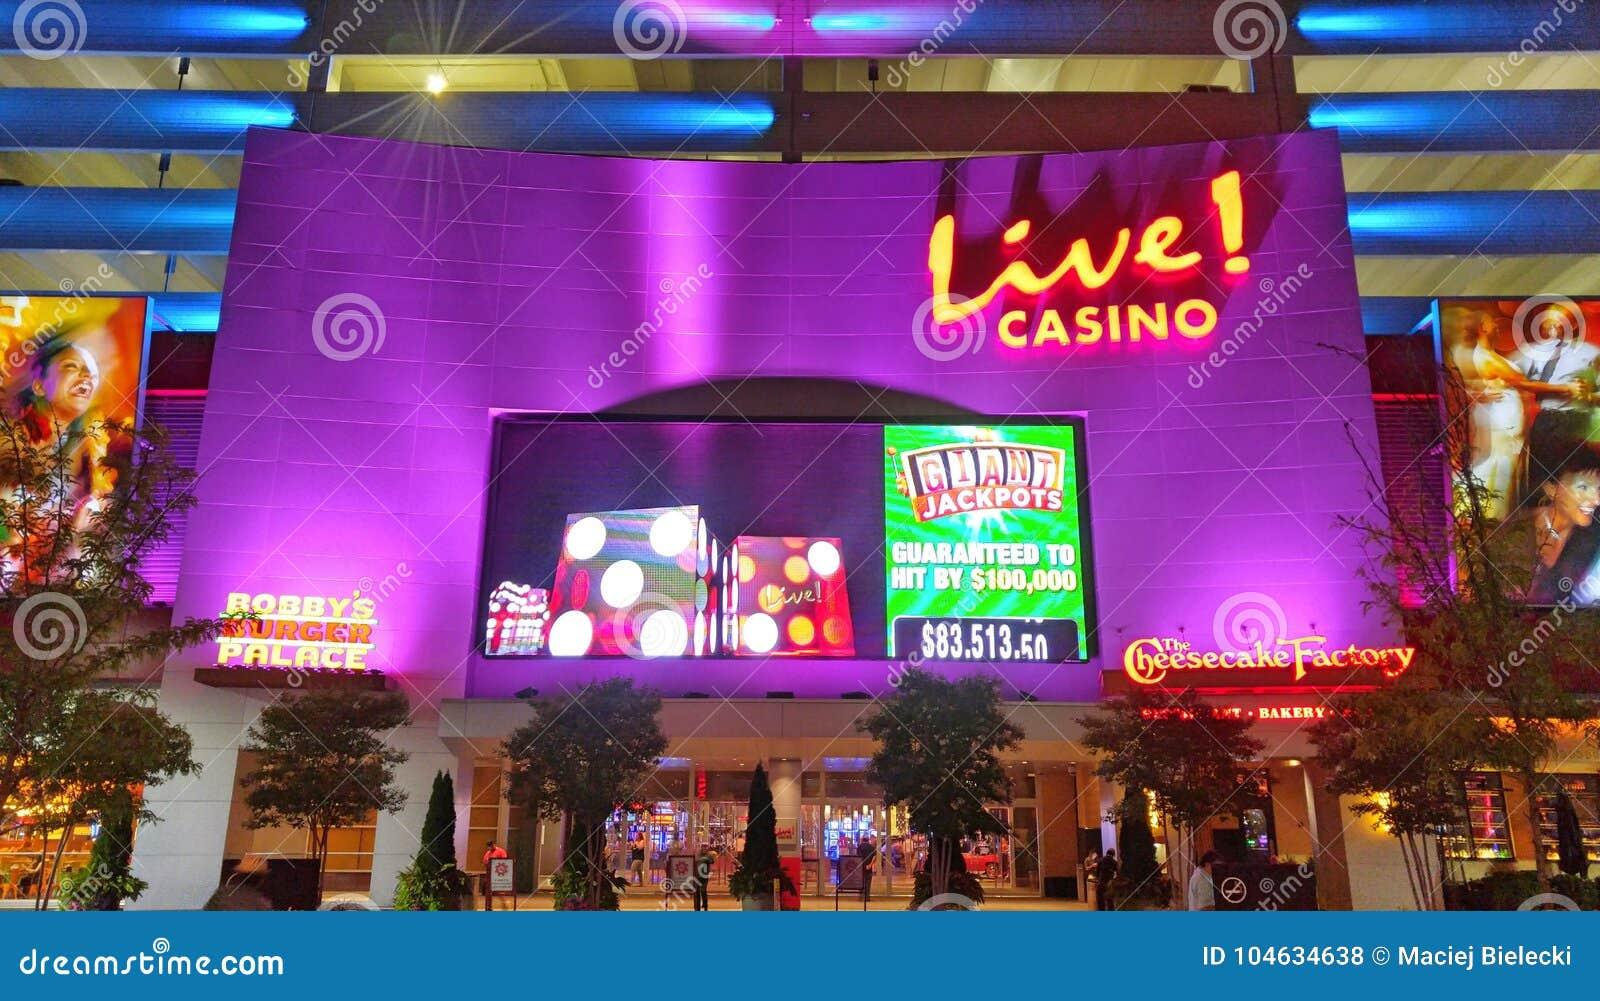 Download Leef casino redactionele stock foto. Afbeelding bestaande uit leef - 104634638